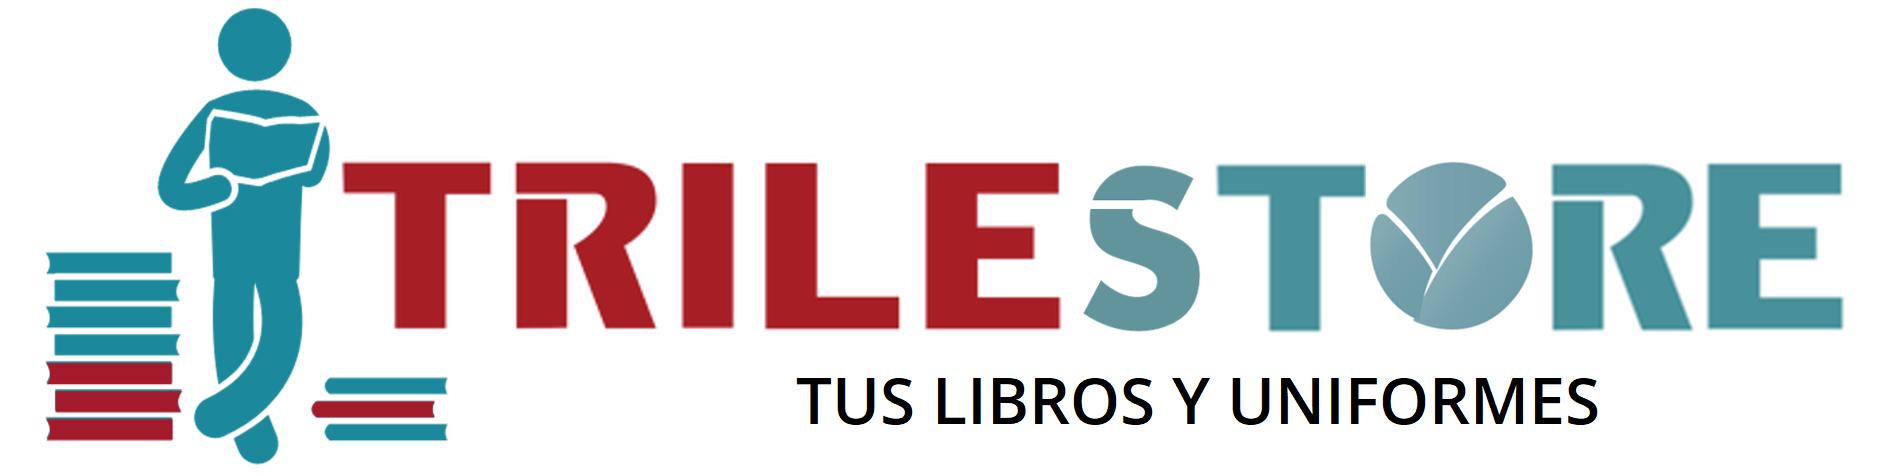 Tienda TrileStore, libros y uniformes para el cole